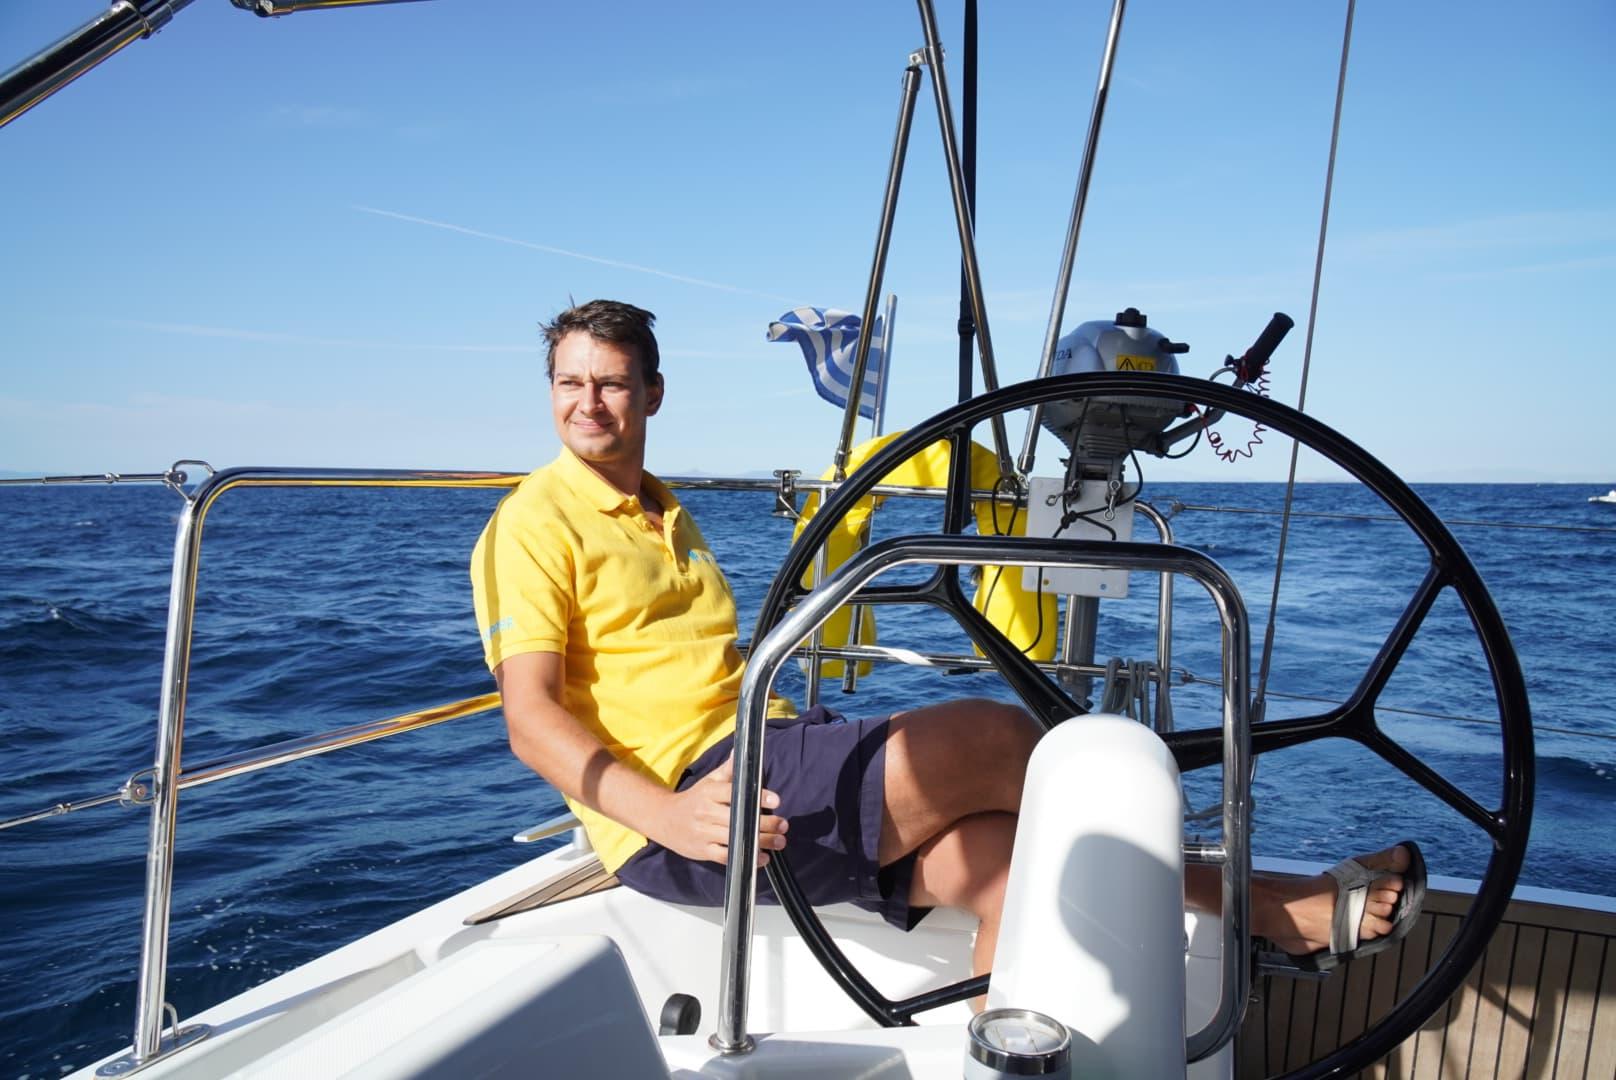 Mit Skipper im Mittelmeer segeln